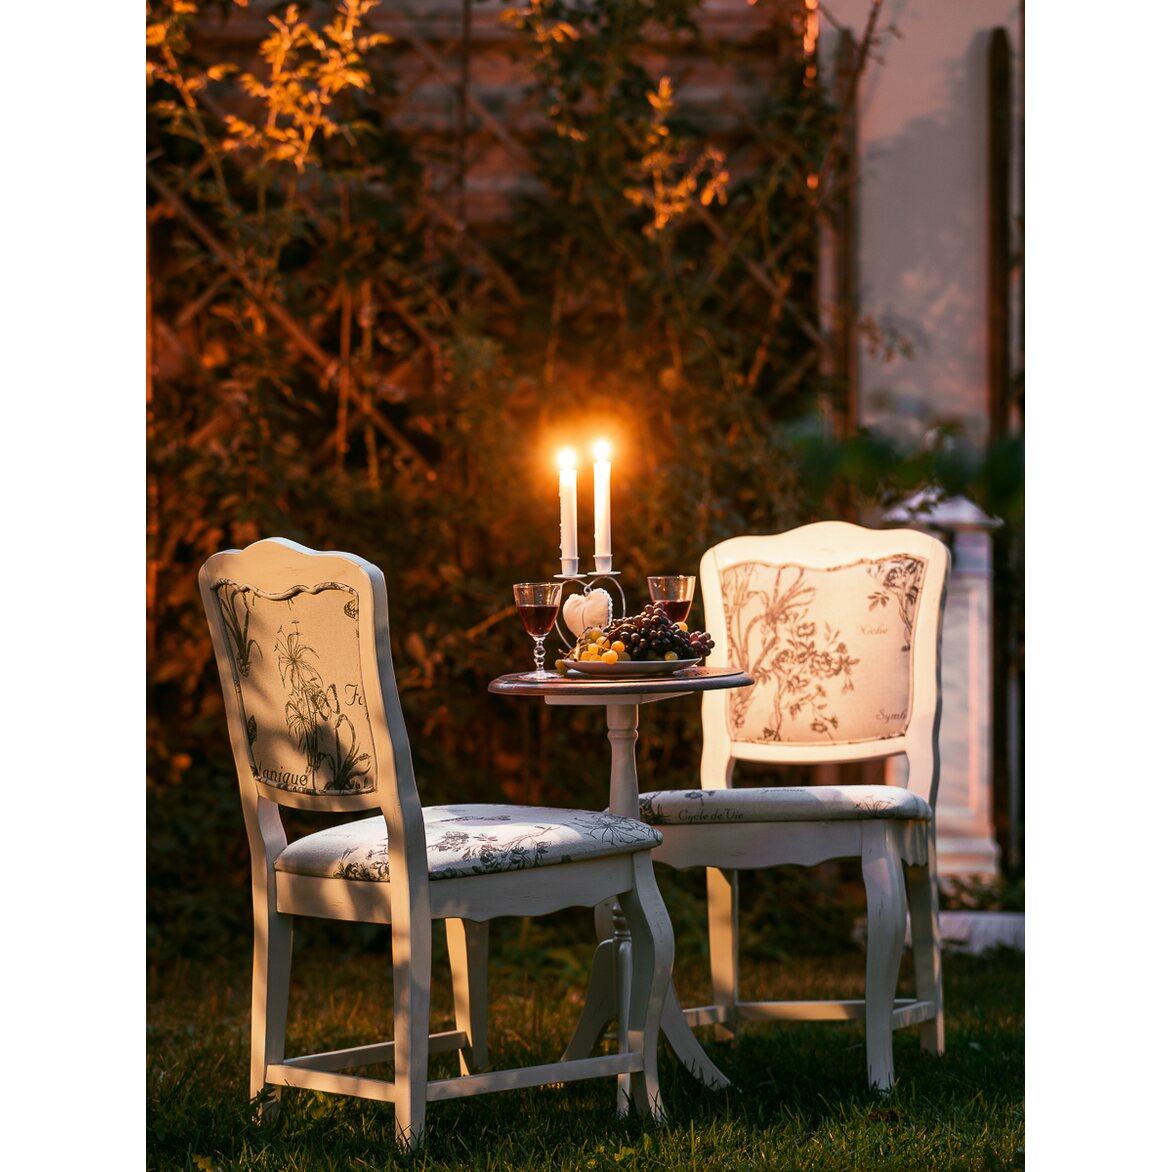 Кофейный столик (круглый) Leontina, бежевого цвета 6 | Кофейные столики Kingsby